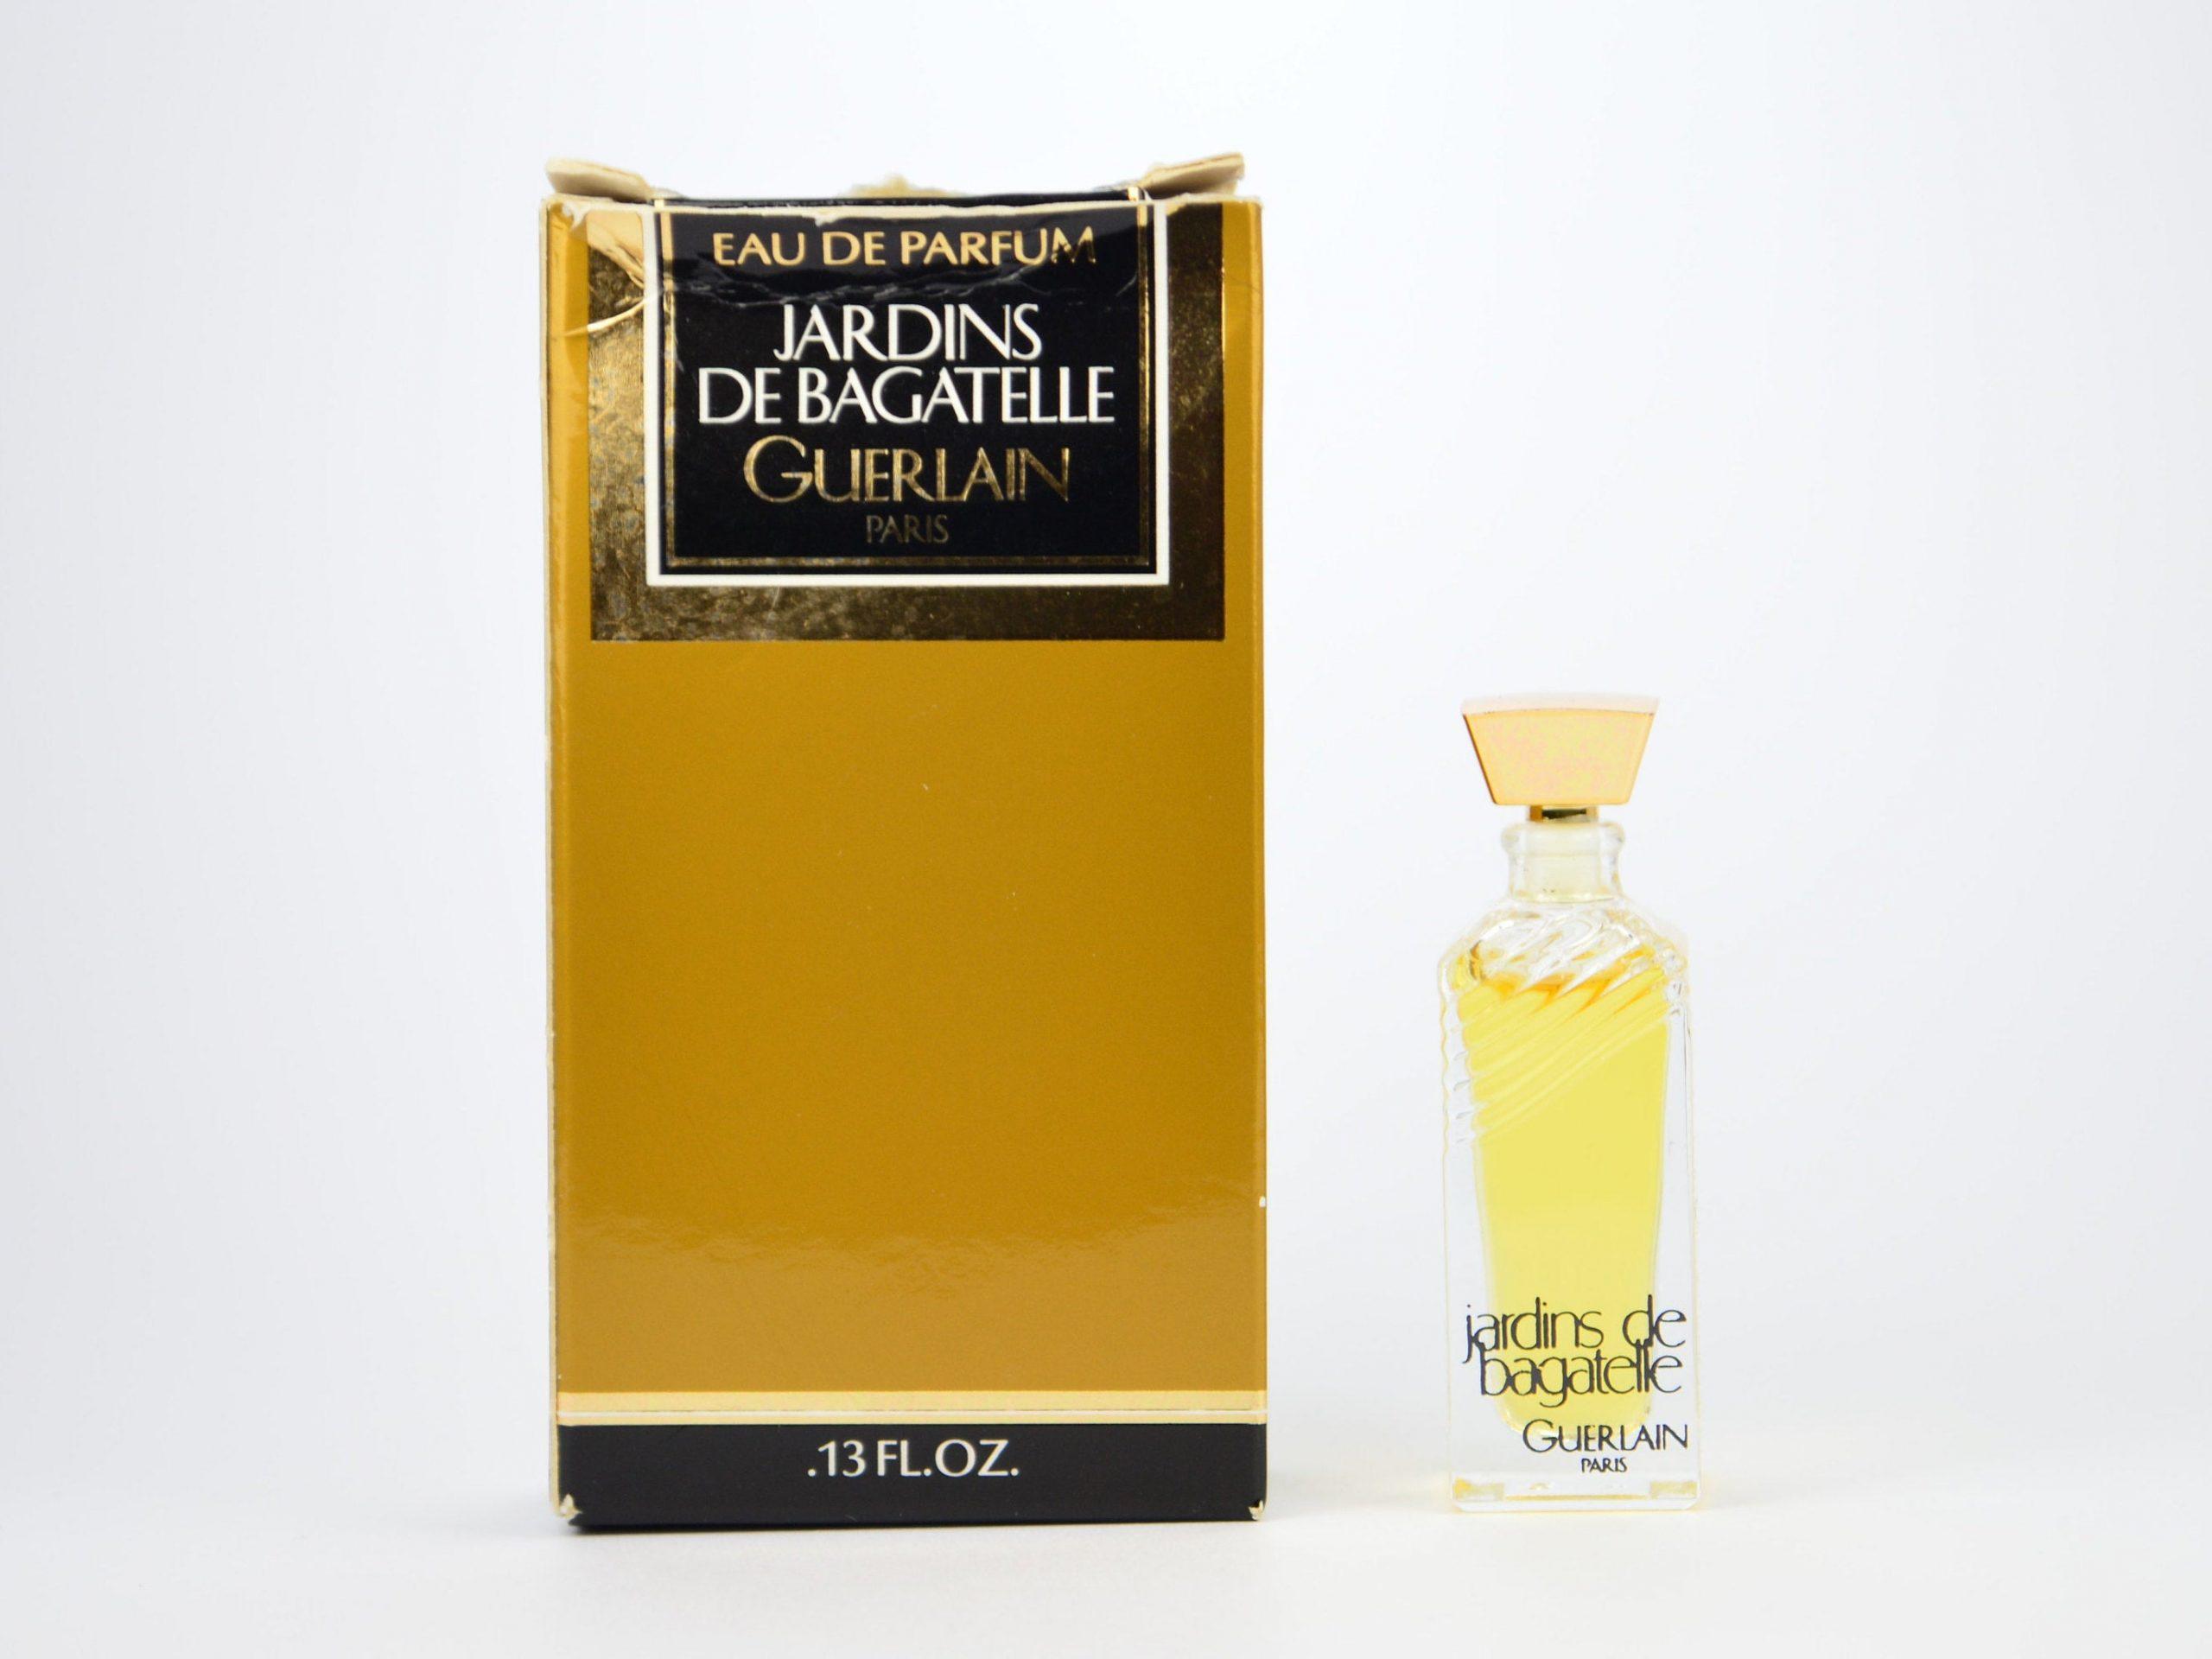 Perfume Vintage Mini Eau De Parfum Jardins De Bagatelle Guerlain Paris 4 Ml  0.13 Fl. Oz. Miniature Ladies pour Jardin De Bagatelle Guerlain